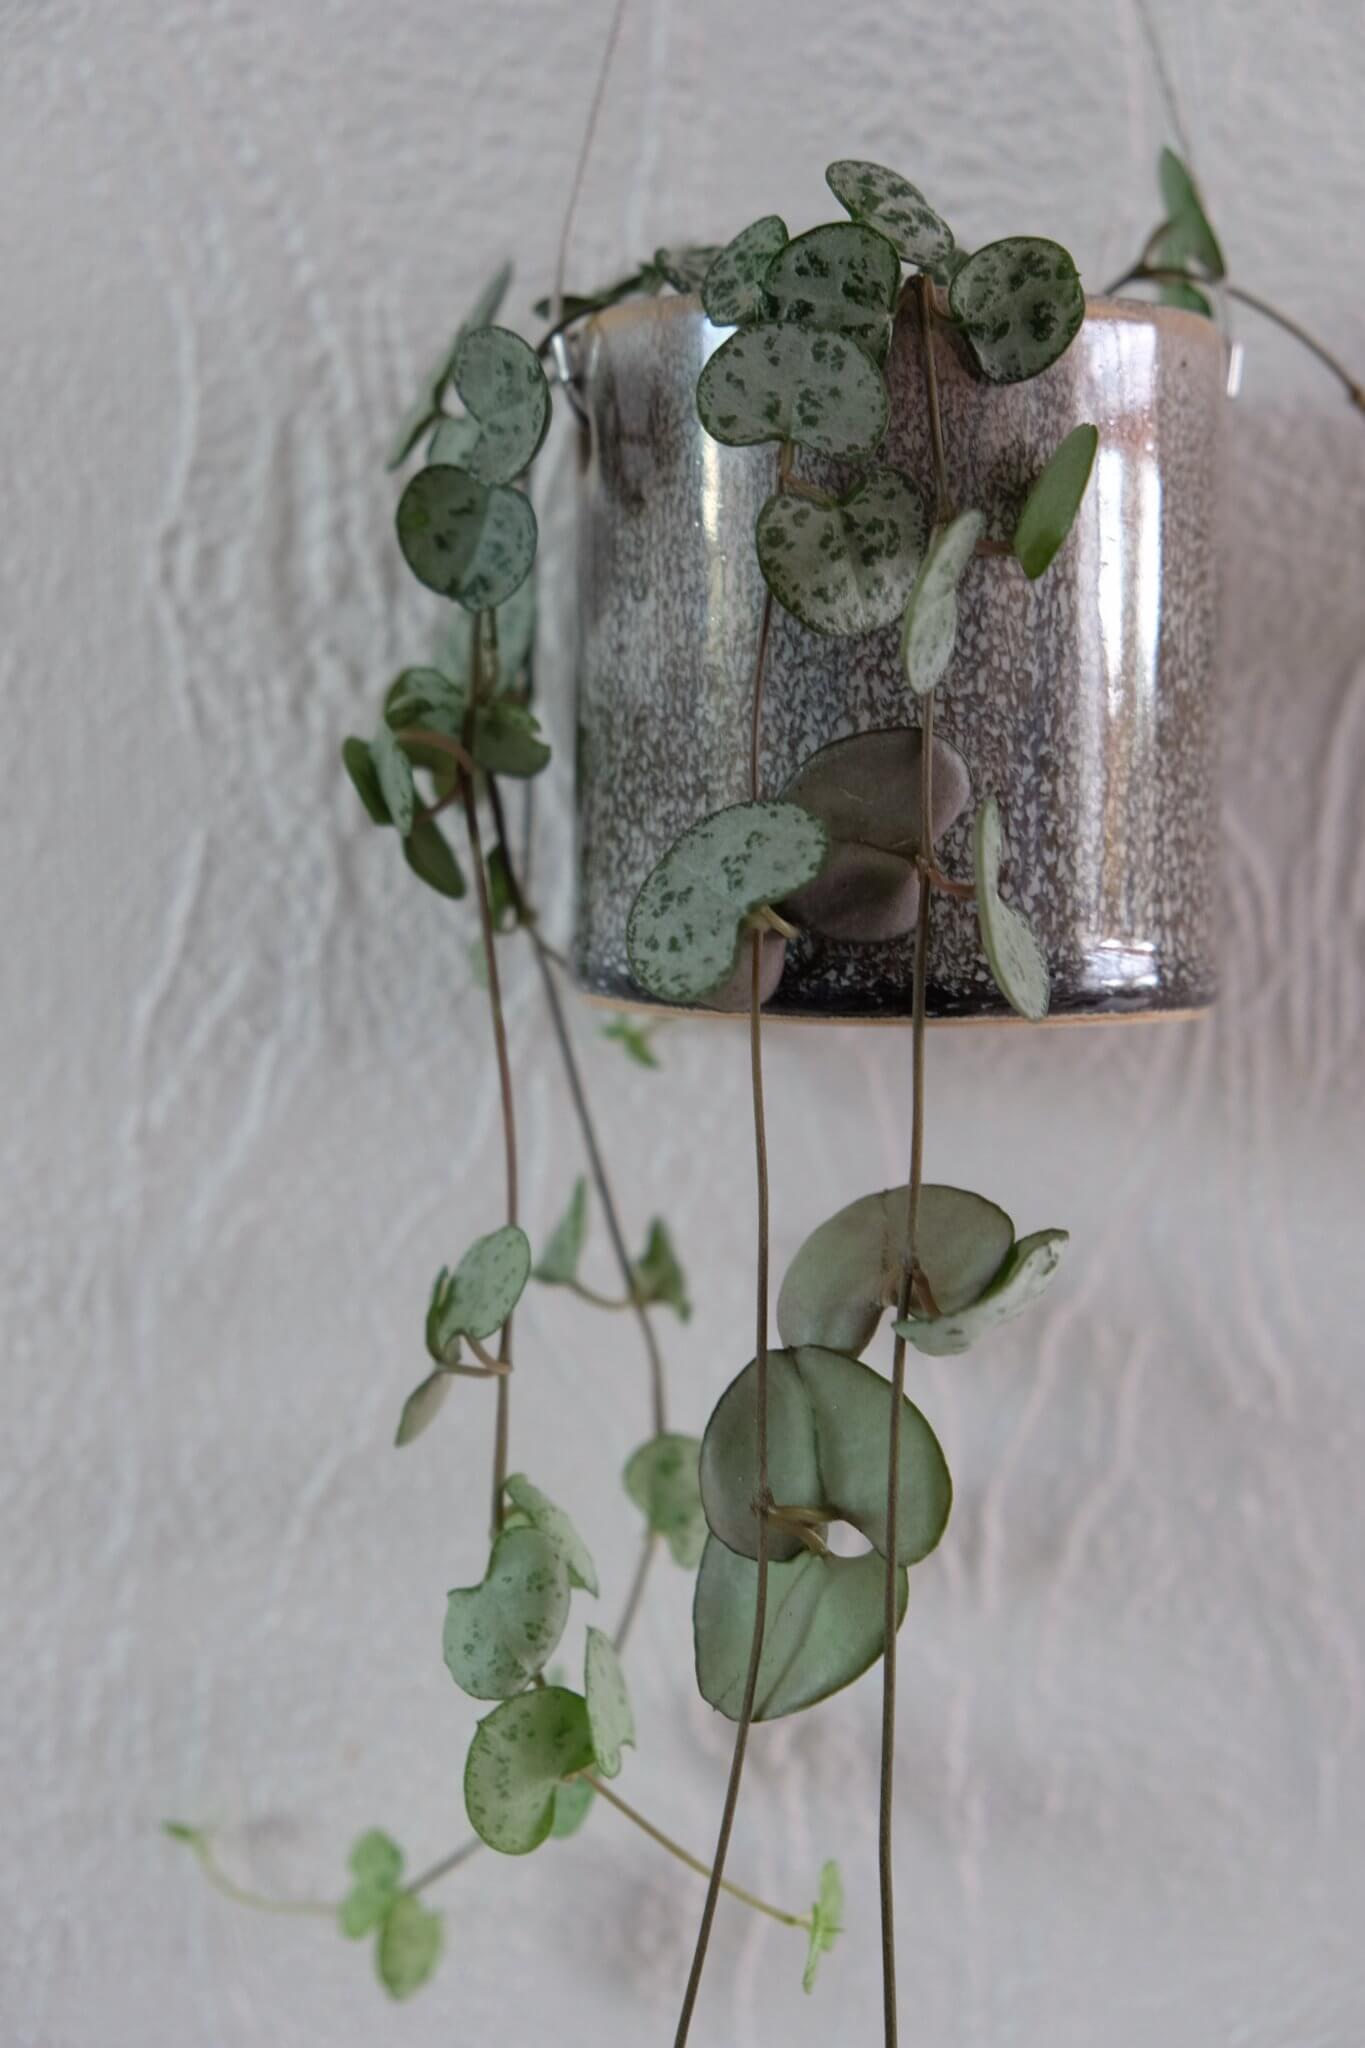 længe siden, fremtiden, mig, planter, hjerteplante, hjerterangle, grønt, grønne fingre